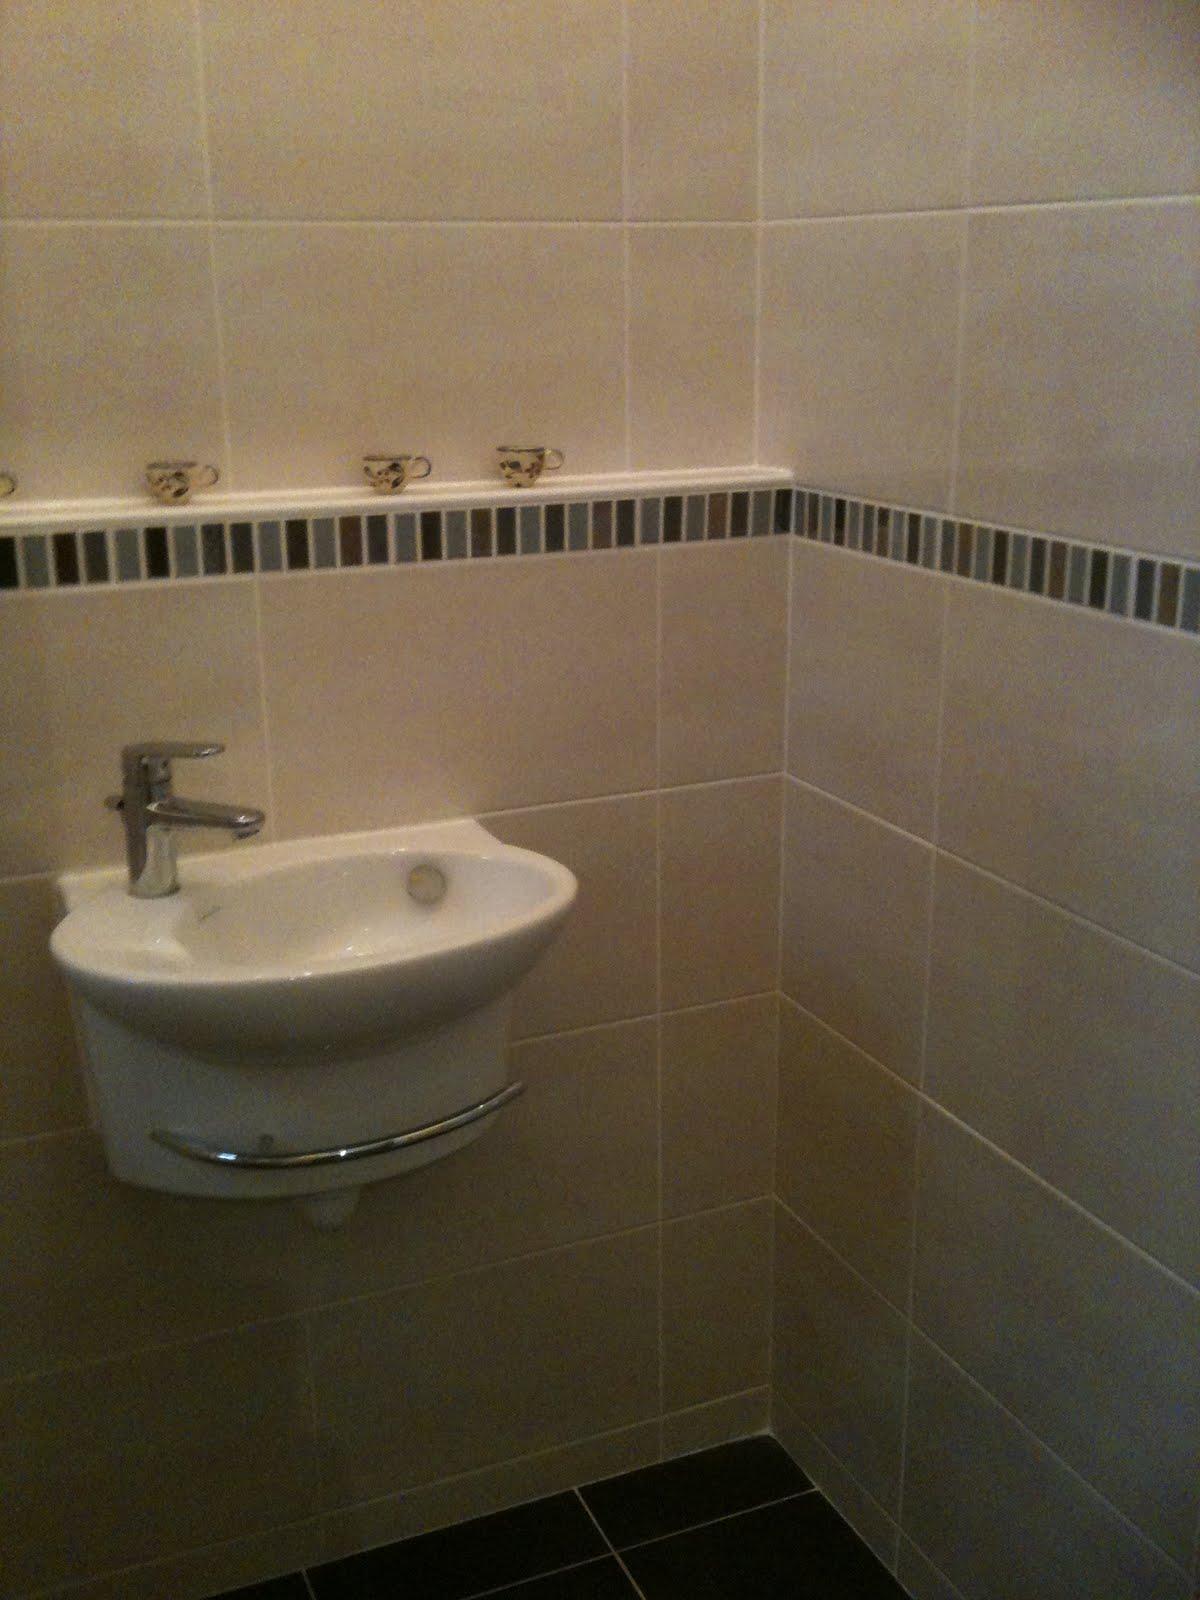 Vos travaux cle en main cabourg calvados possiblit de d placement cabinet de - Faience wc ...